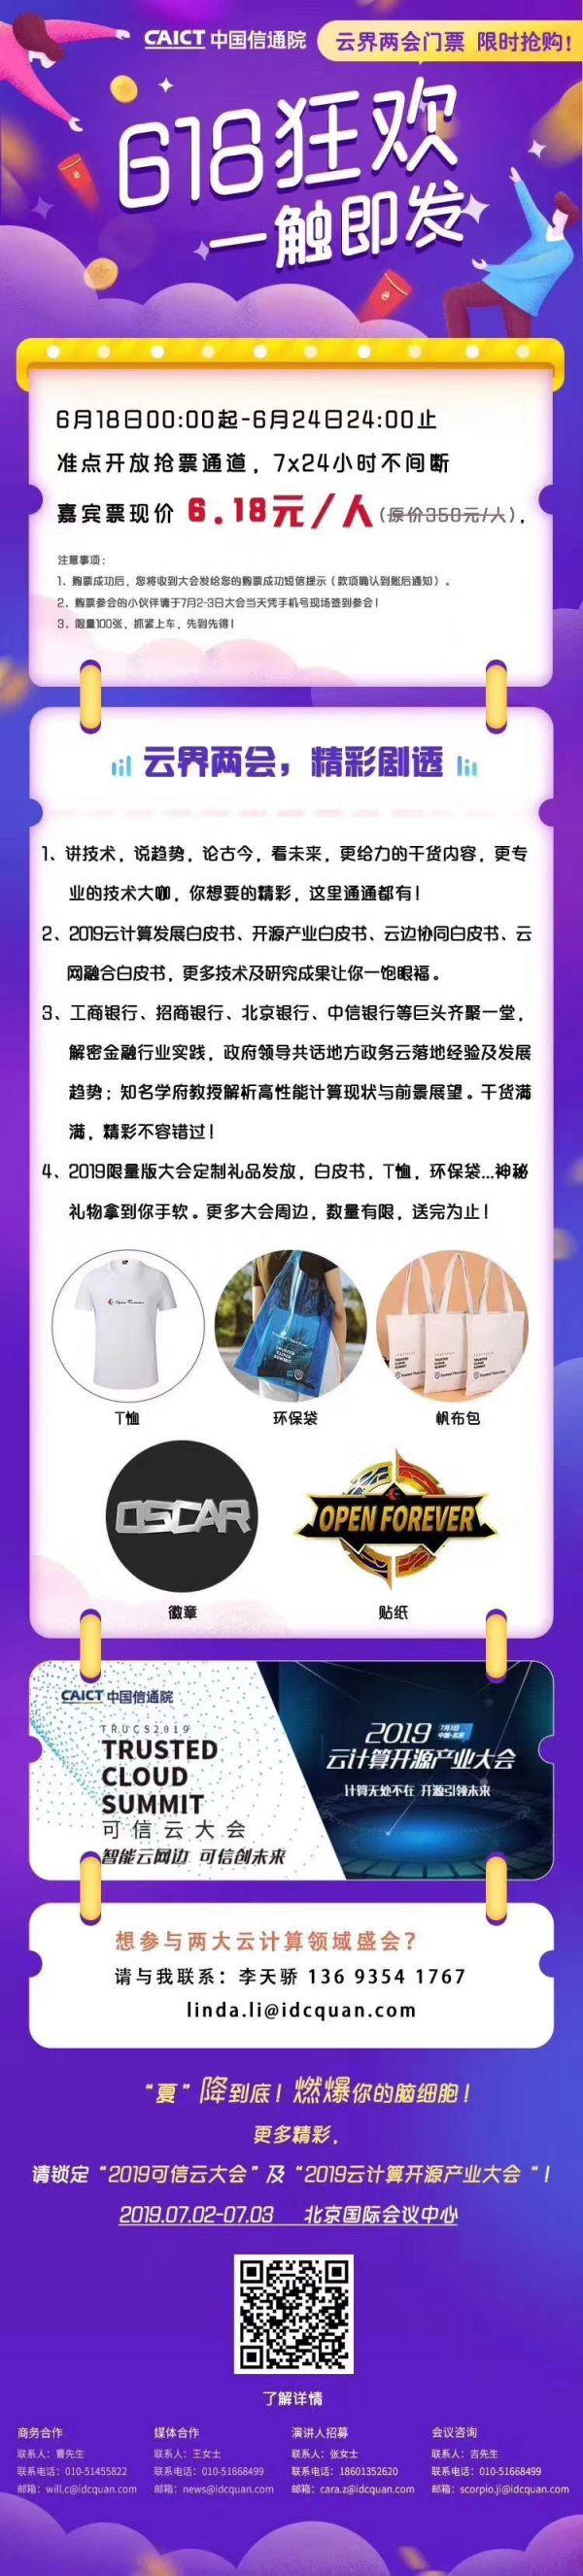 http://www.reviewcode.cn/chanpinsheji/52591.html